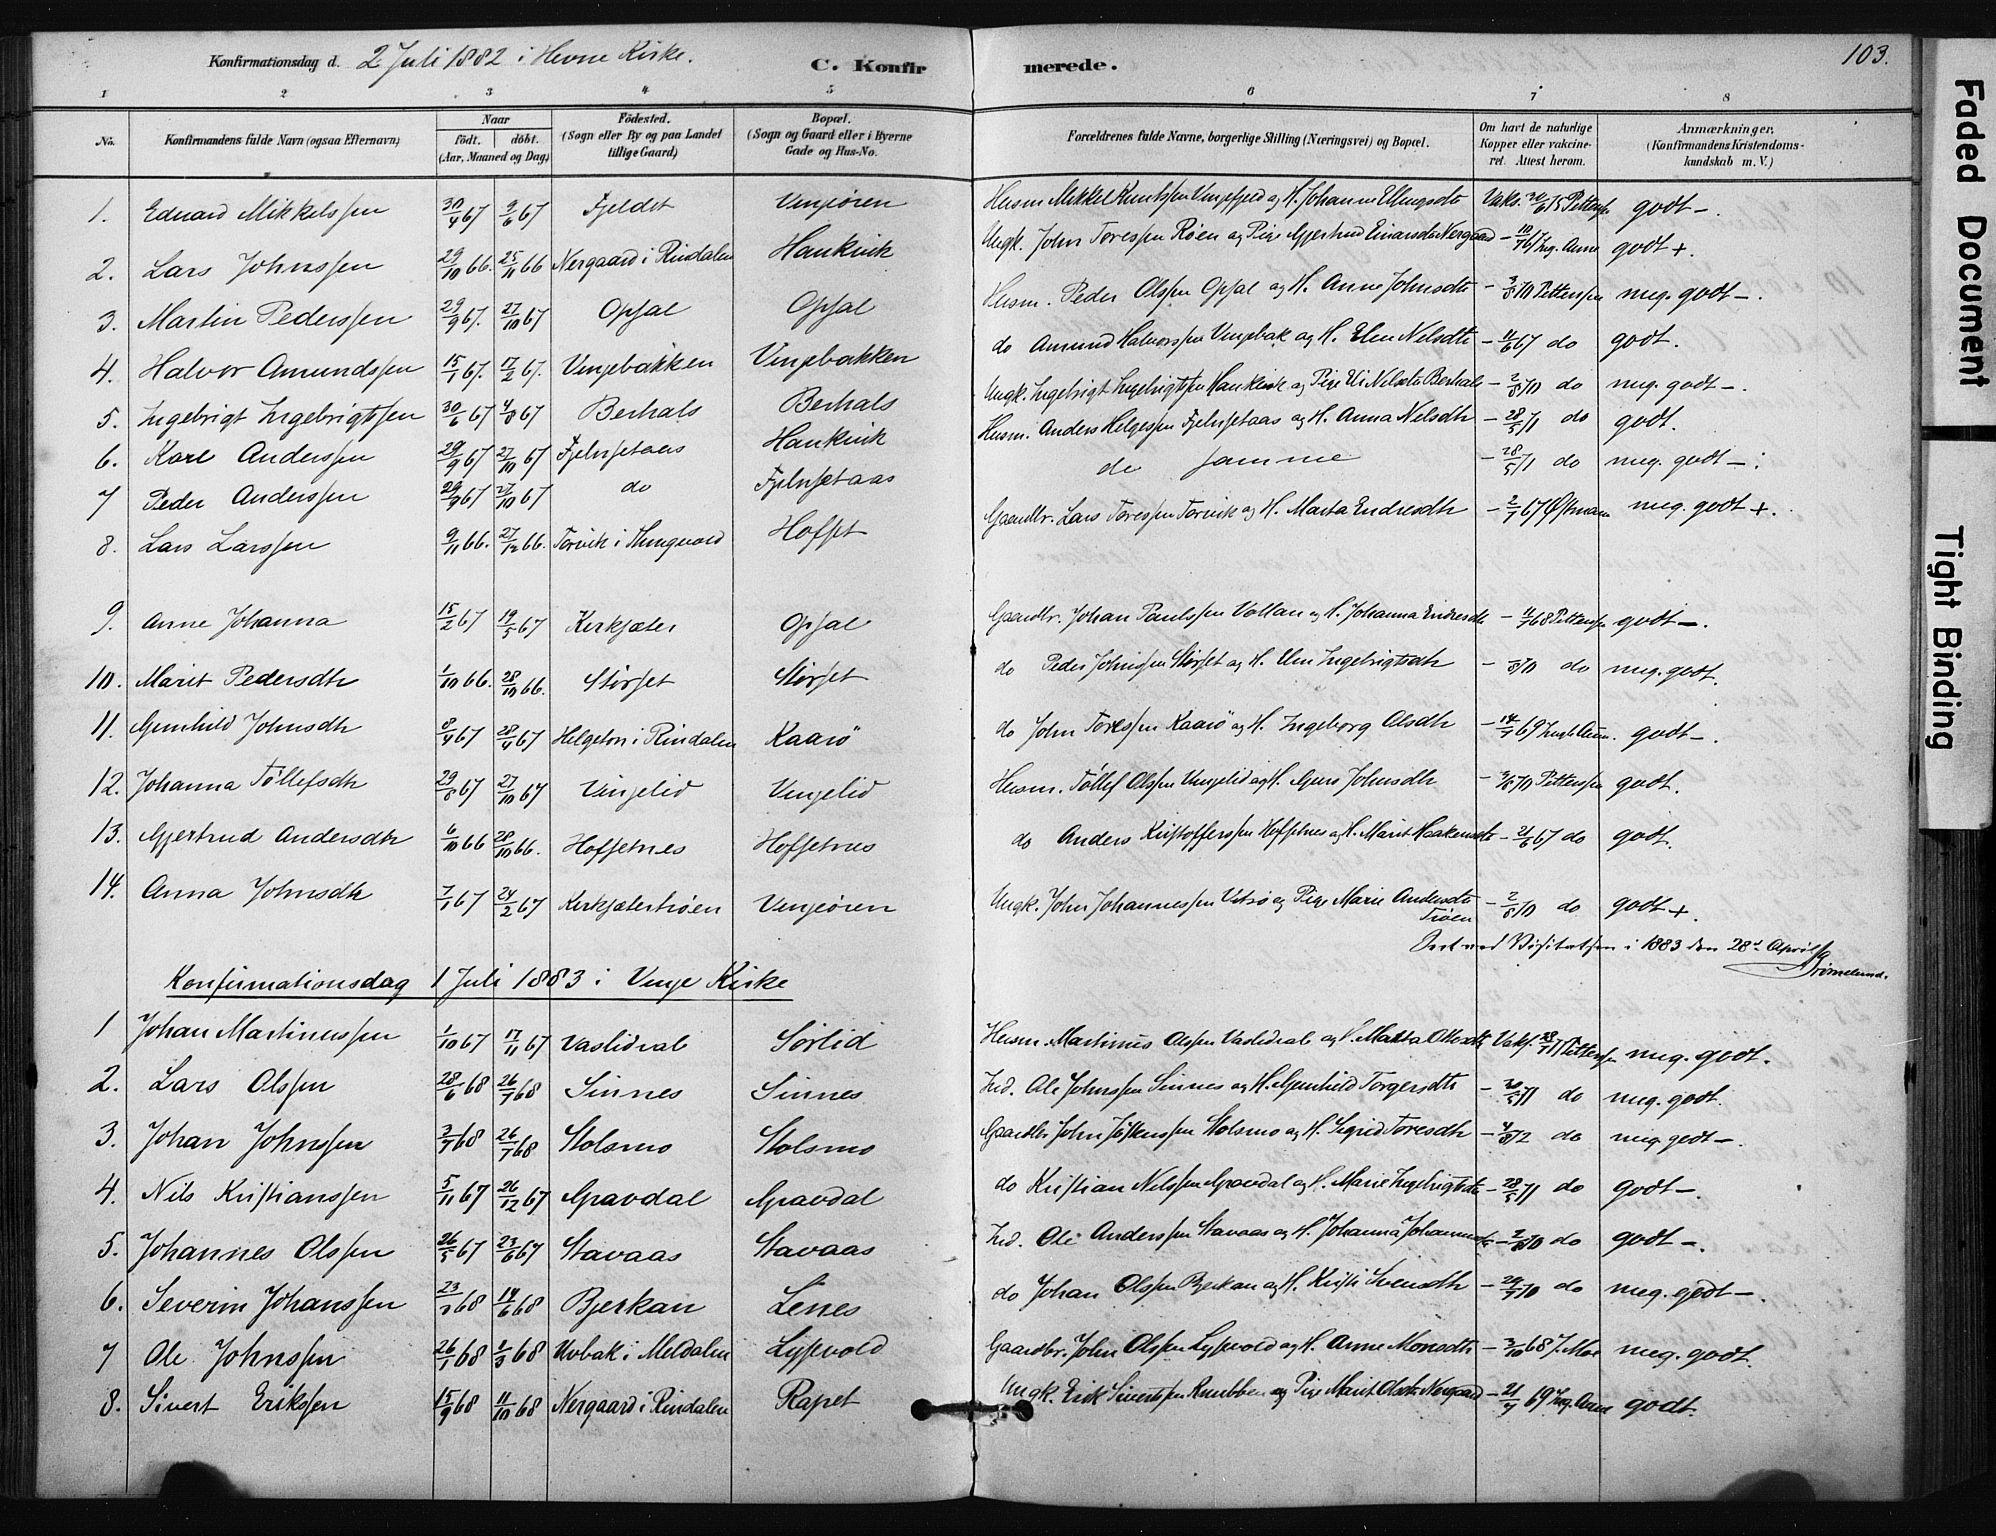 SAT, Ministerialprotokoller, klokkerbøker og fødselsregistre - Sør-Trøndelag, 631/L0512: Ministerialbok nr. 631A01, 1879-1912, s. 103